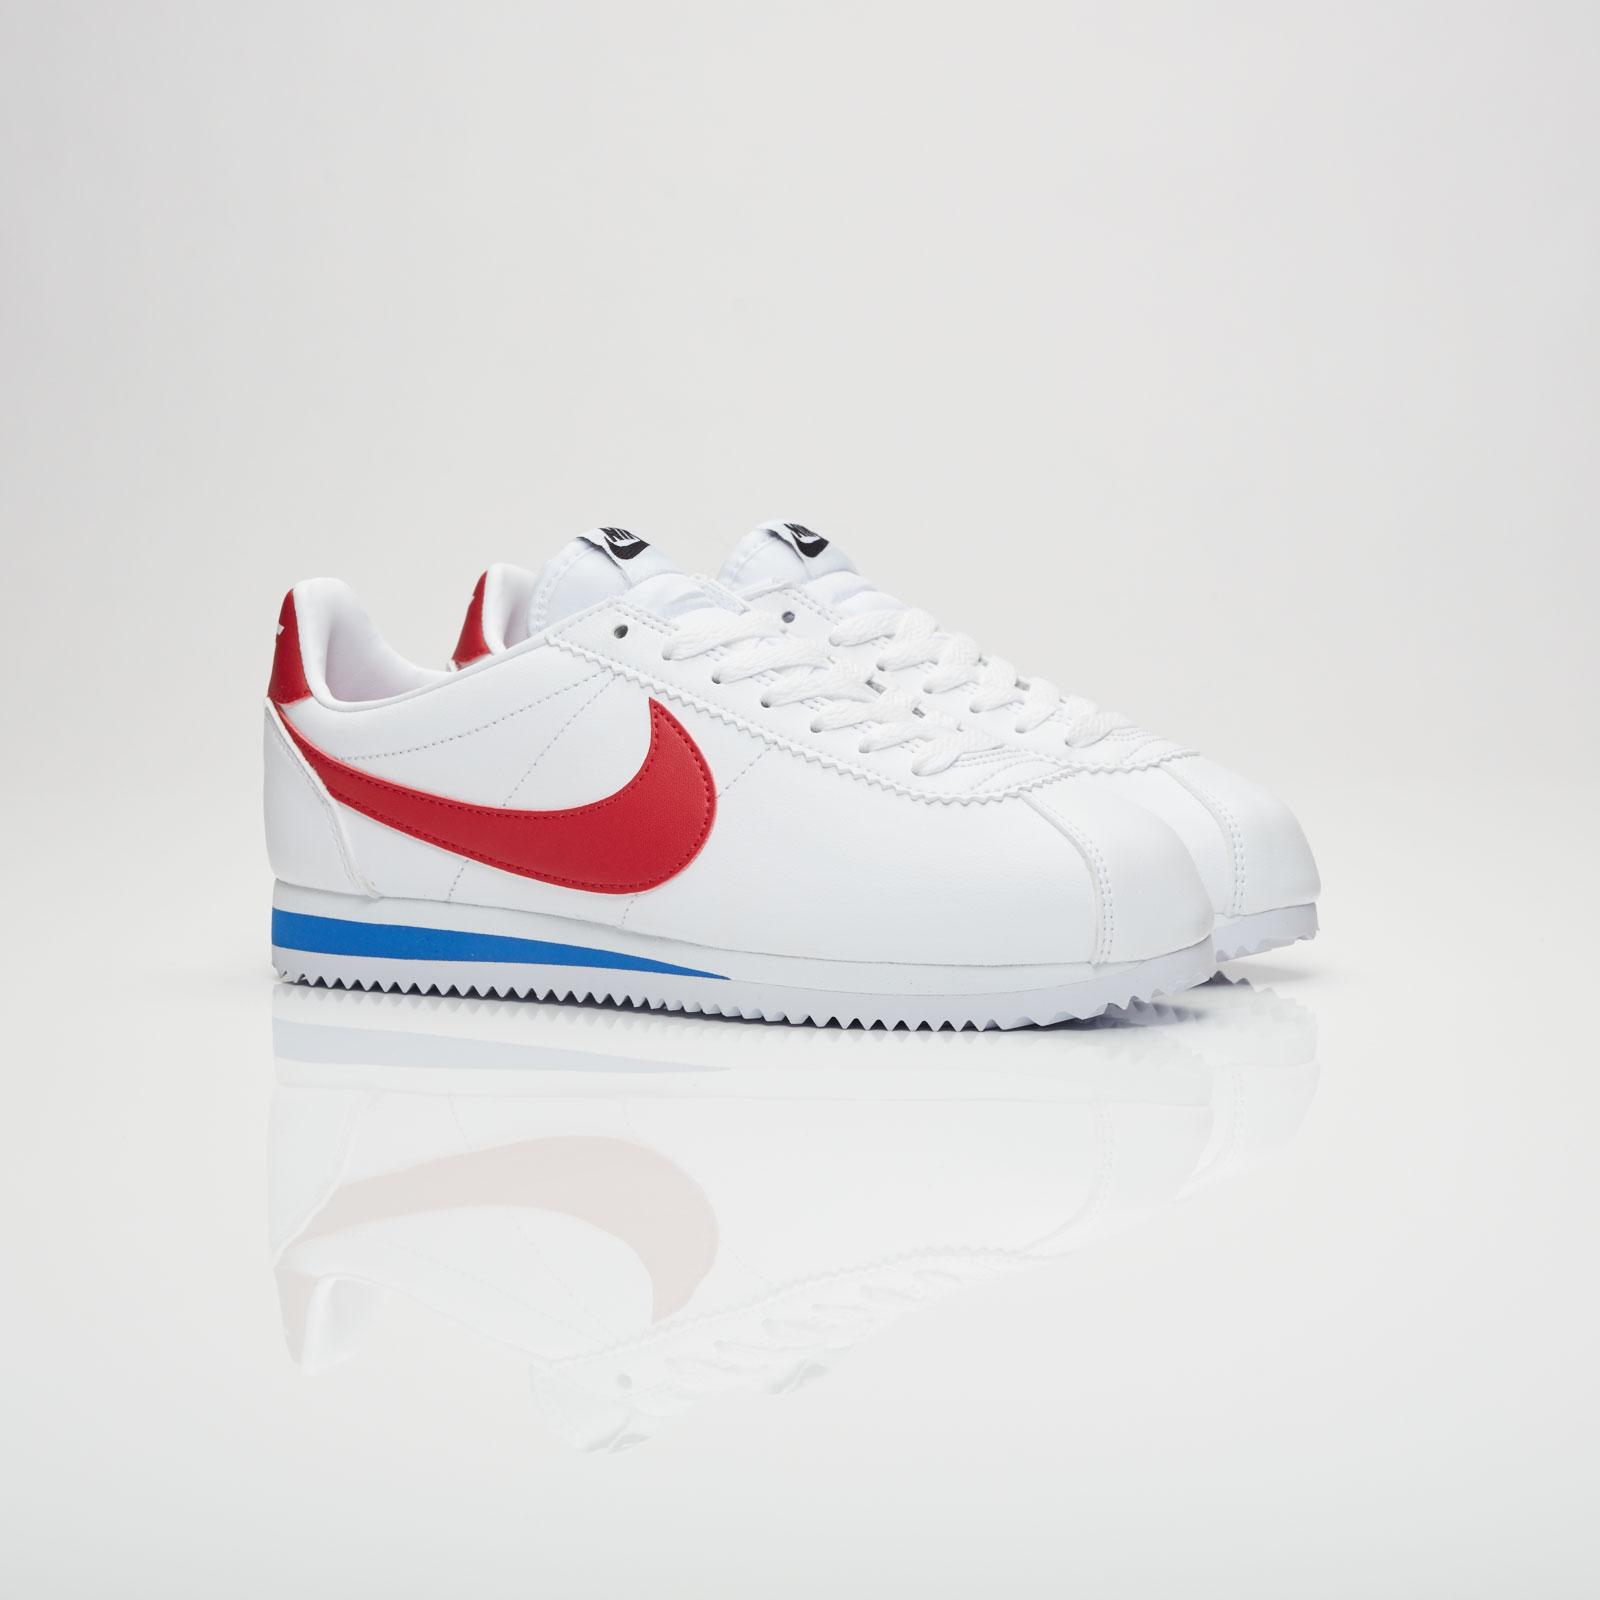 online retailer 0d4d4 7e7c5 Nike Sportswear Wmns Classic Cortez Leather